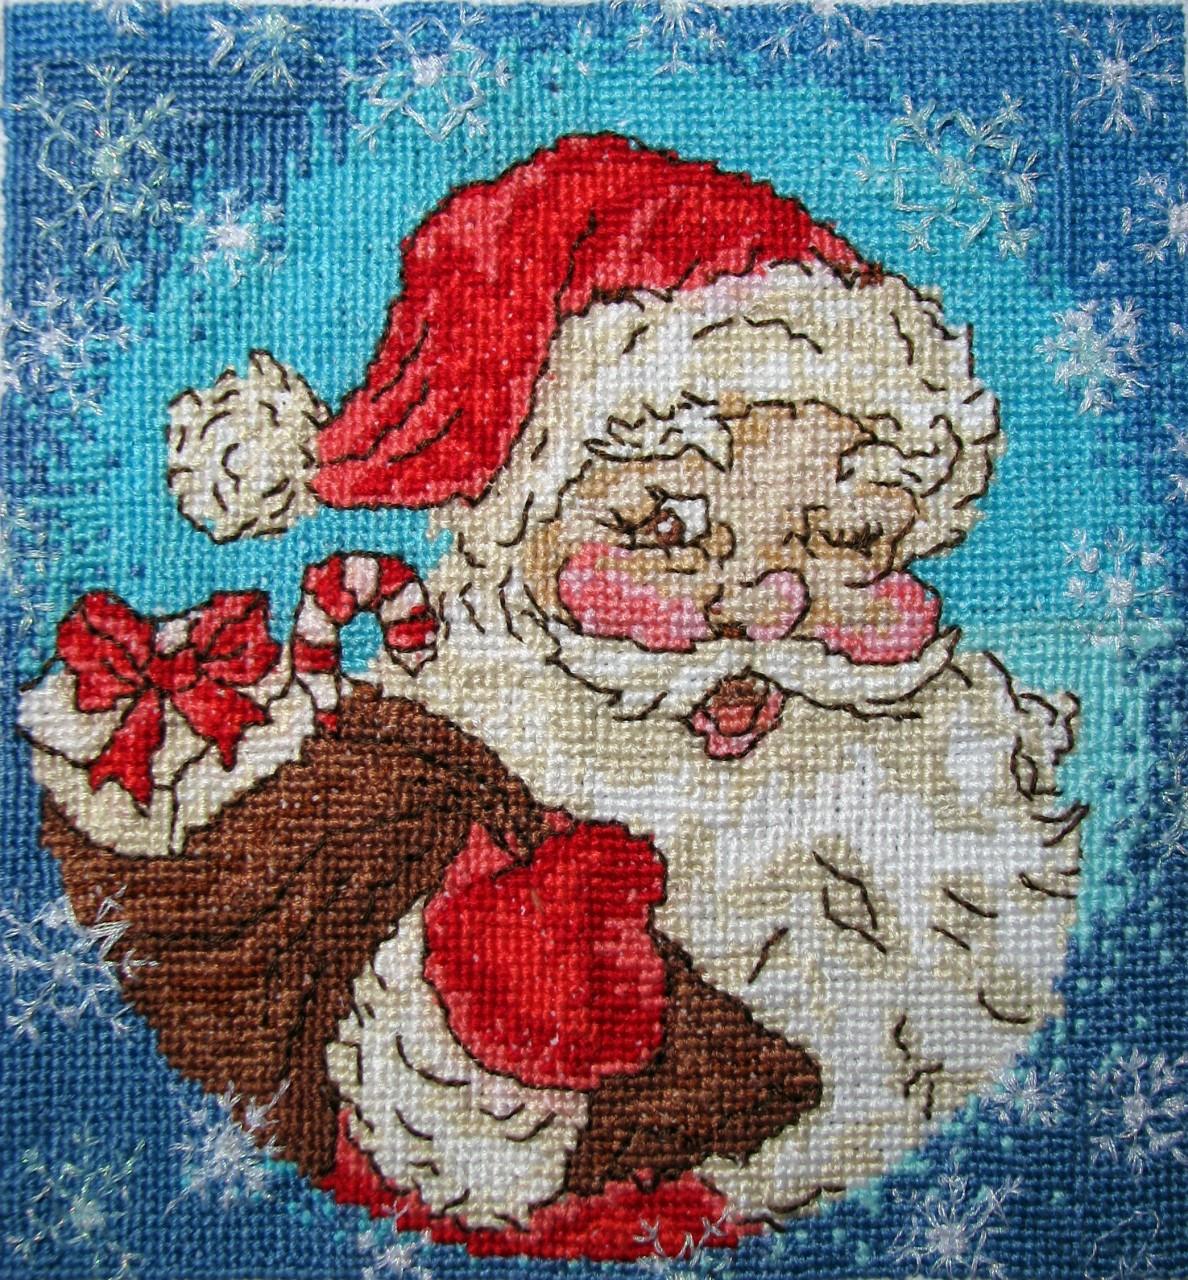 Вышивка крестом картин с изображением Деда Мороза